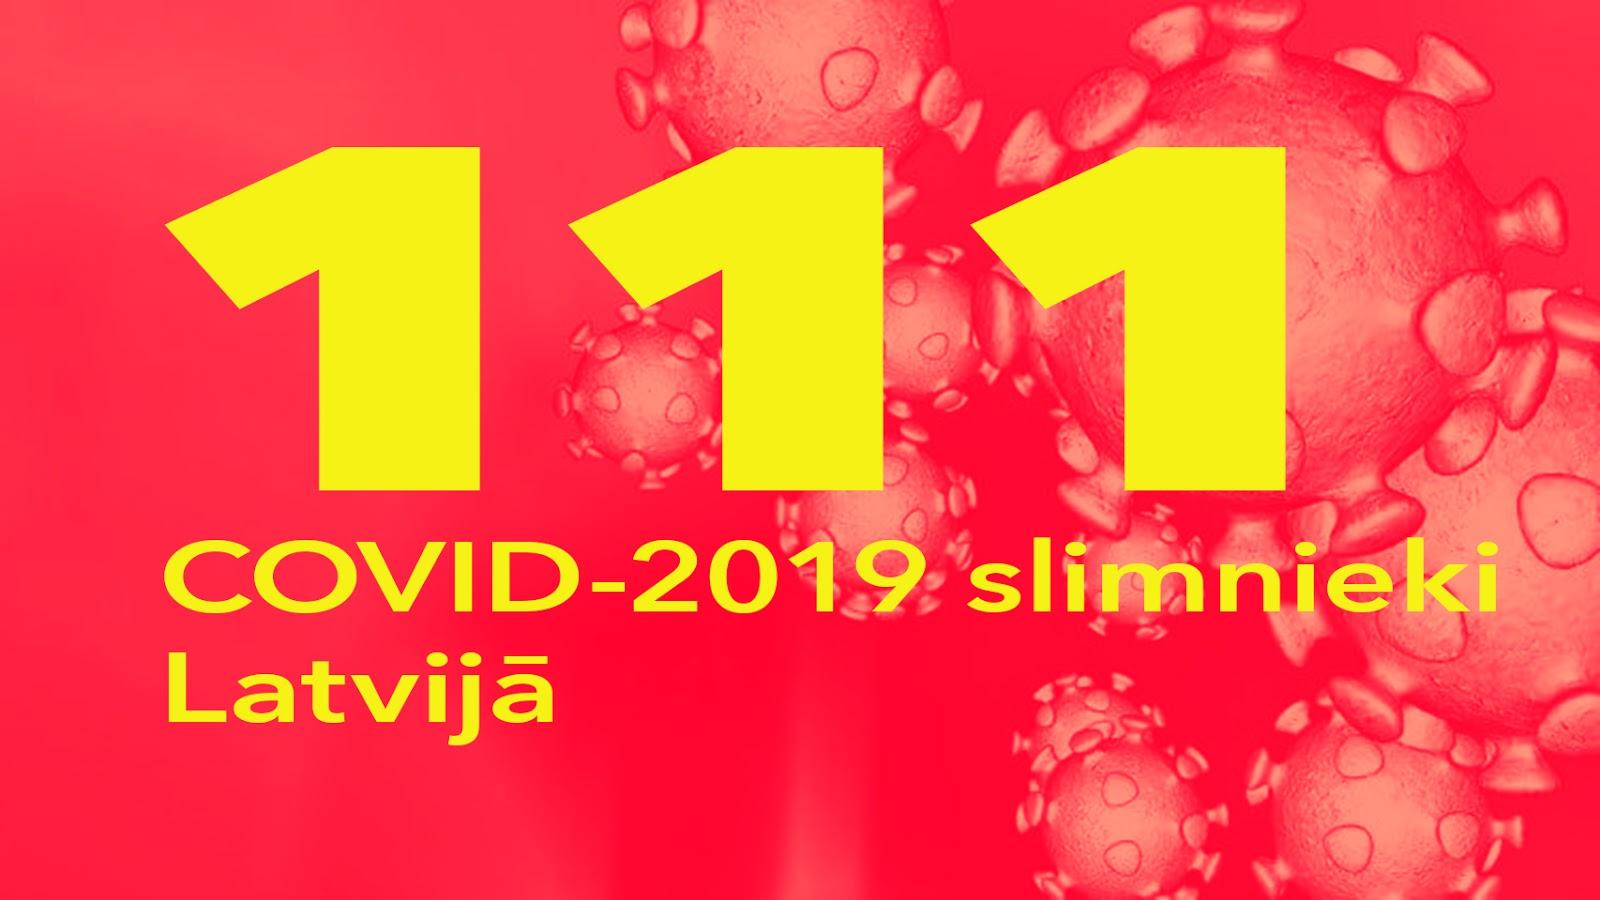 Koronavīrusa saslimušo skaits Latvijā 20.03.2020.